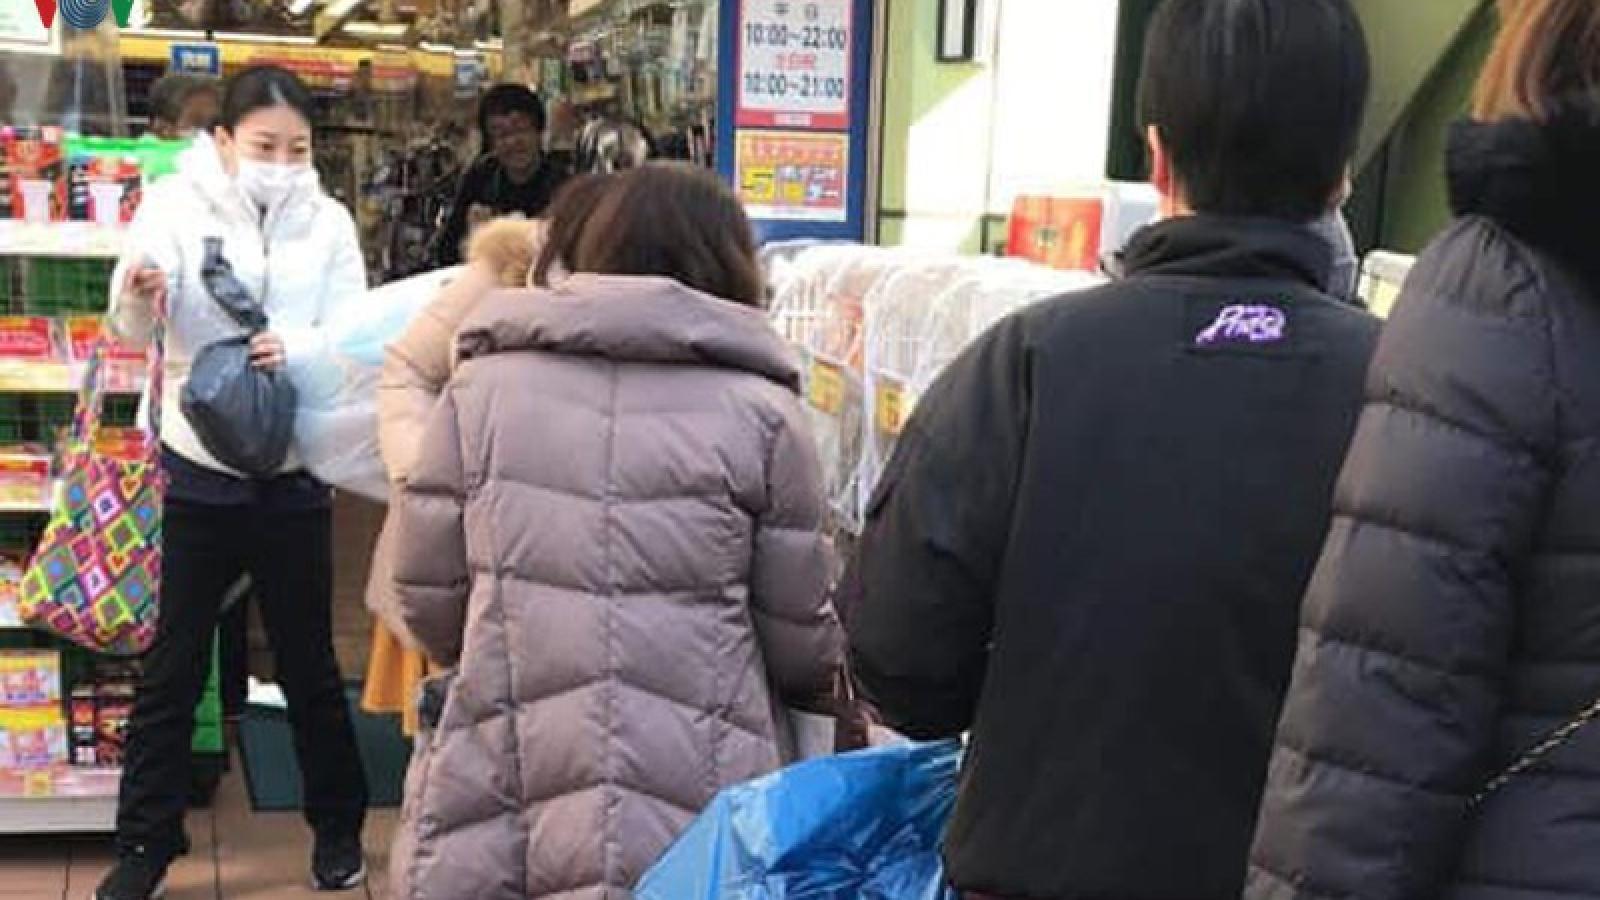 Nhật Bản có nên hủy bỏ tình trạng khẩn cấp chống dịch Covid-19?